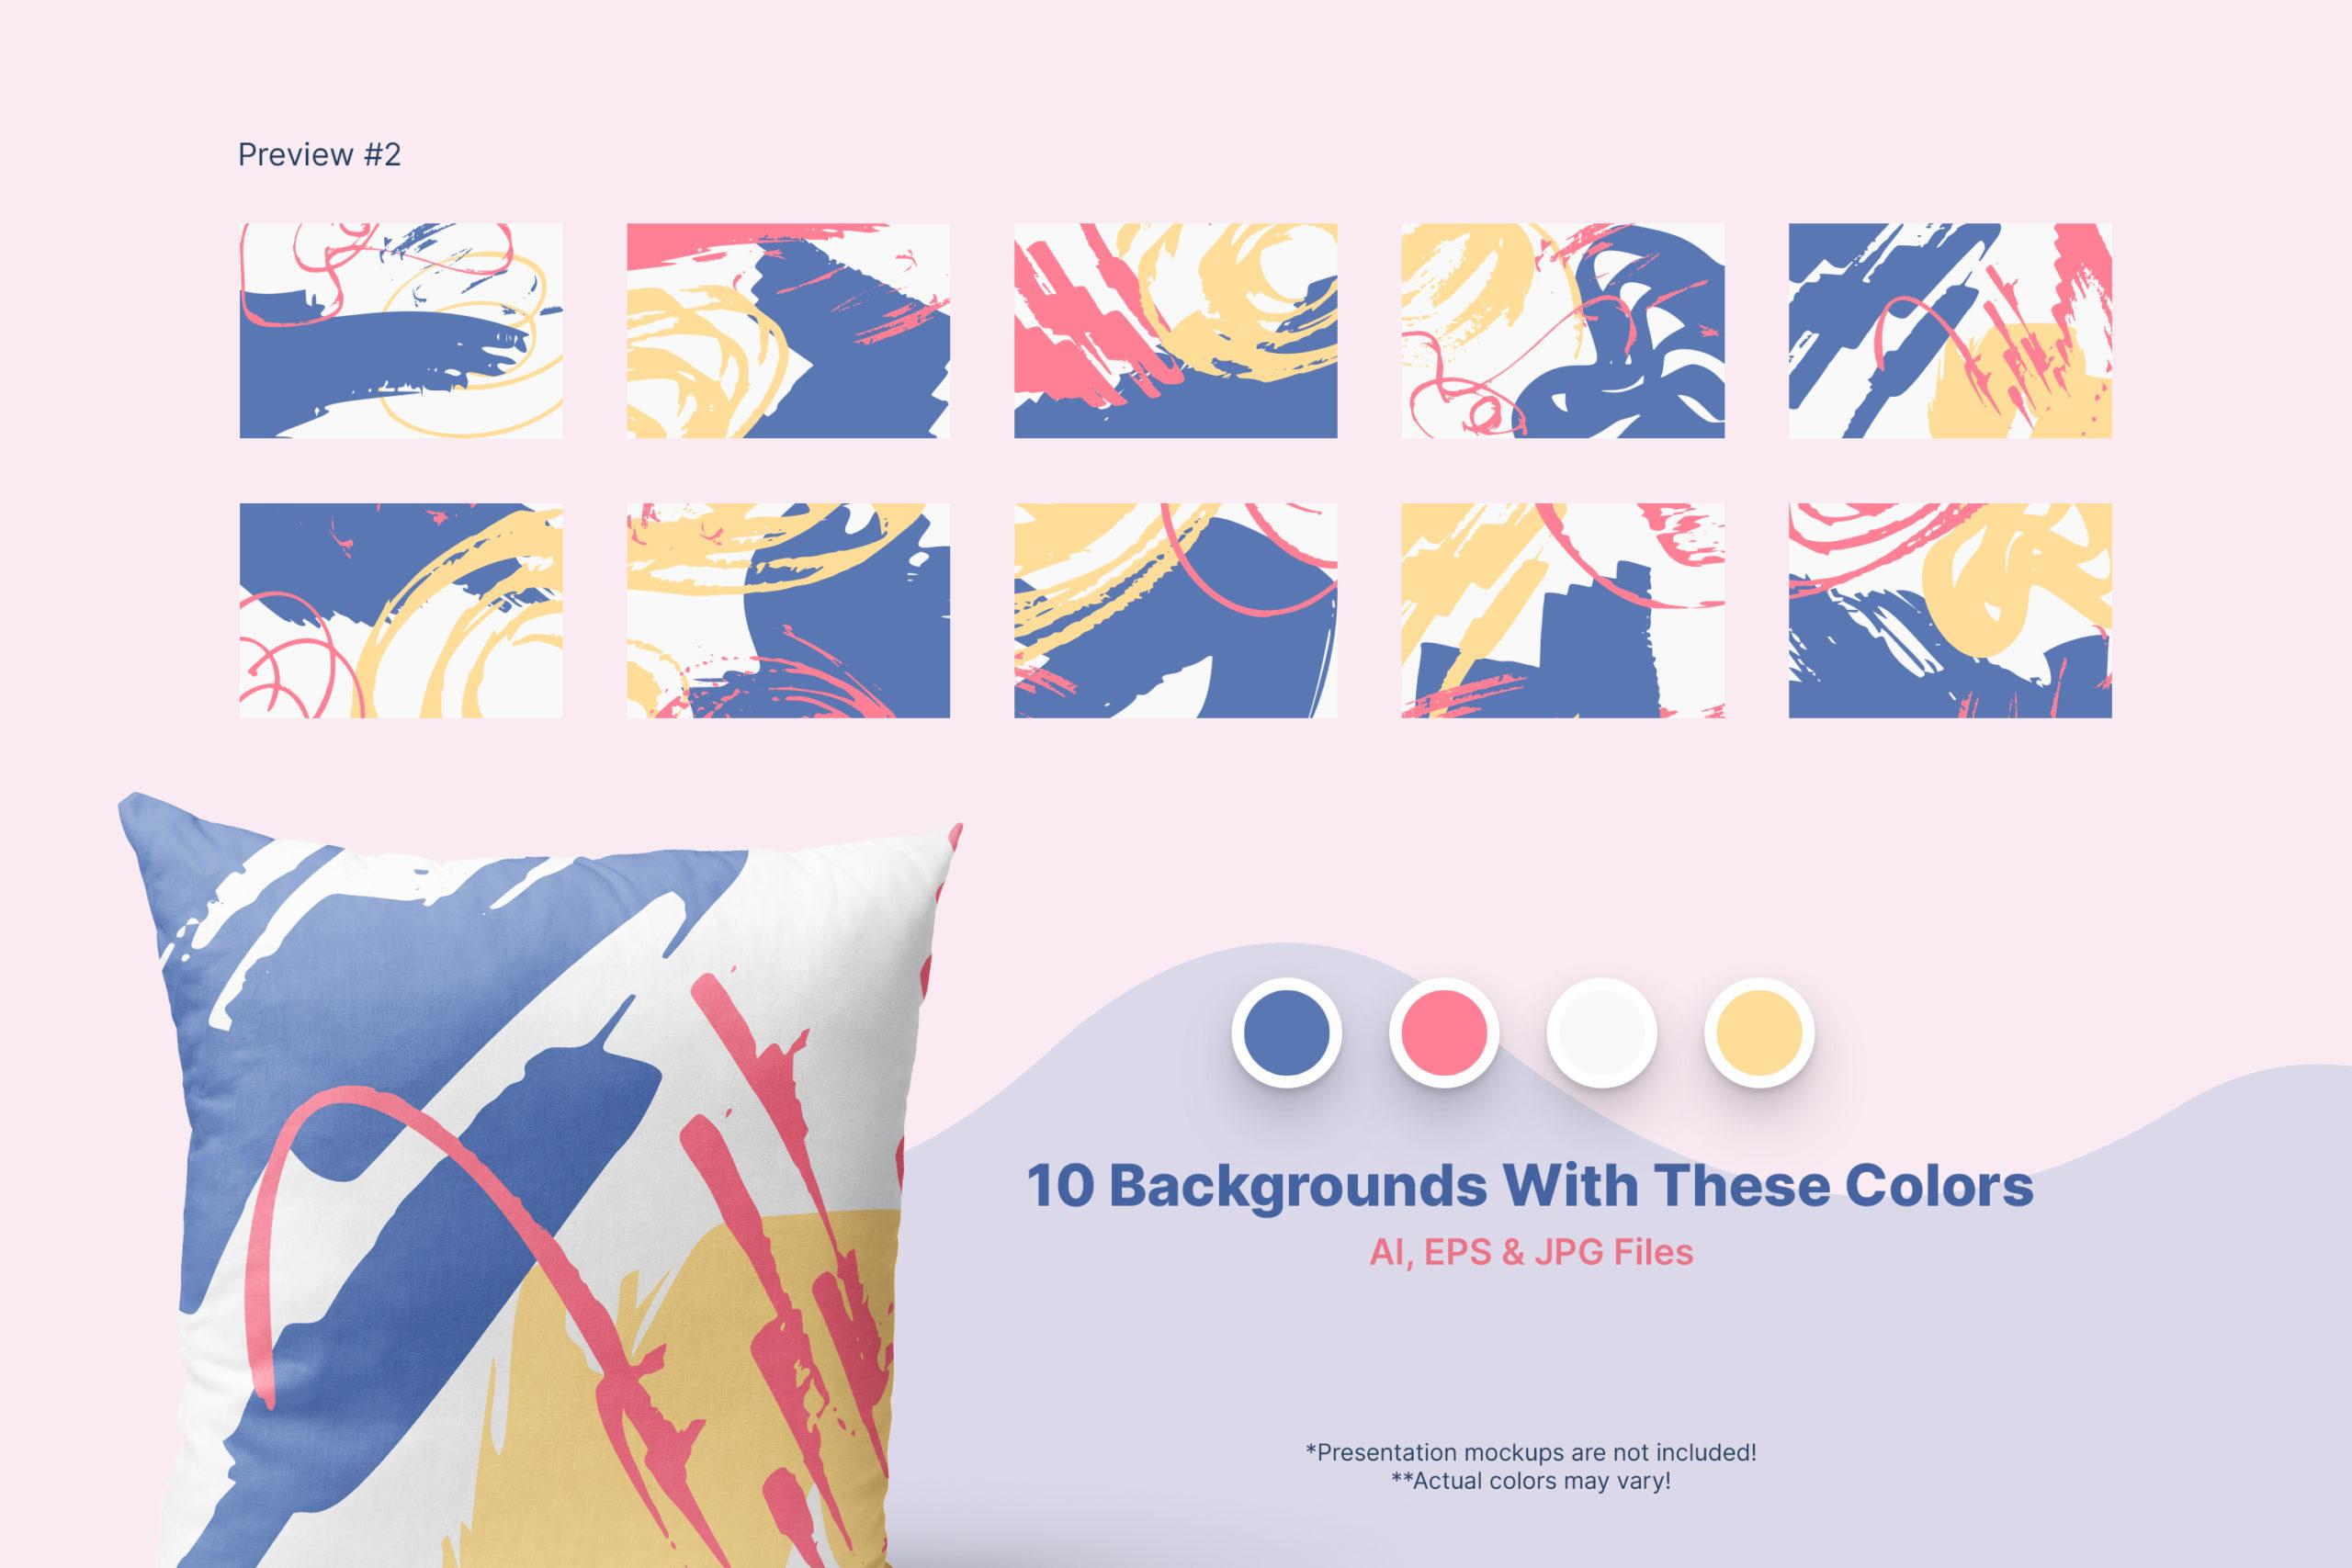 粗糙水墨毛笔笔触纹理海报设计背景图片矢量设计素材 Distressed Vector Backgrounds插图4